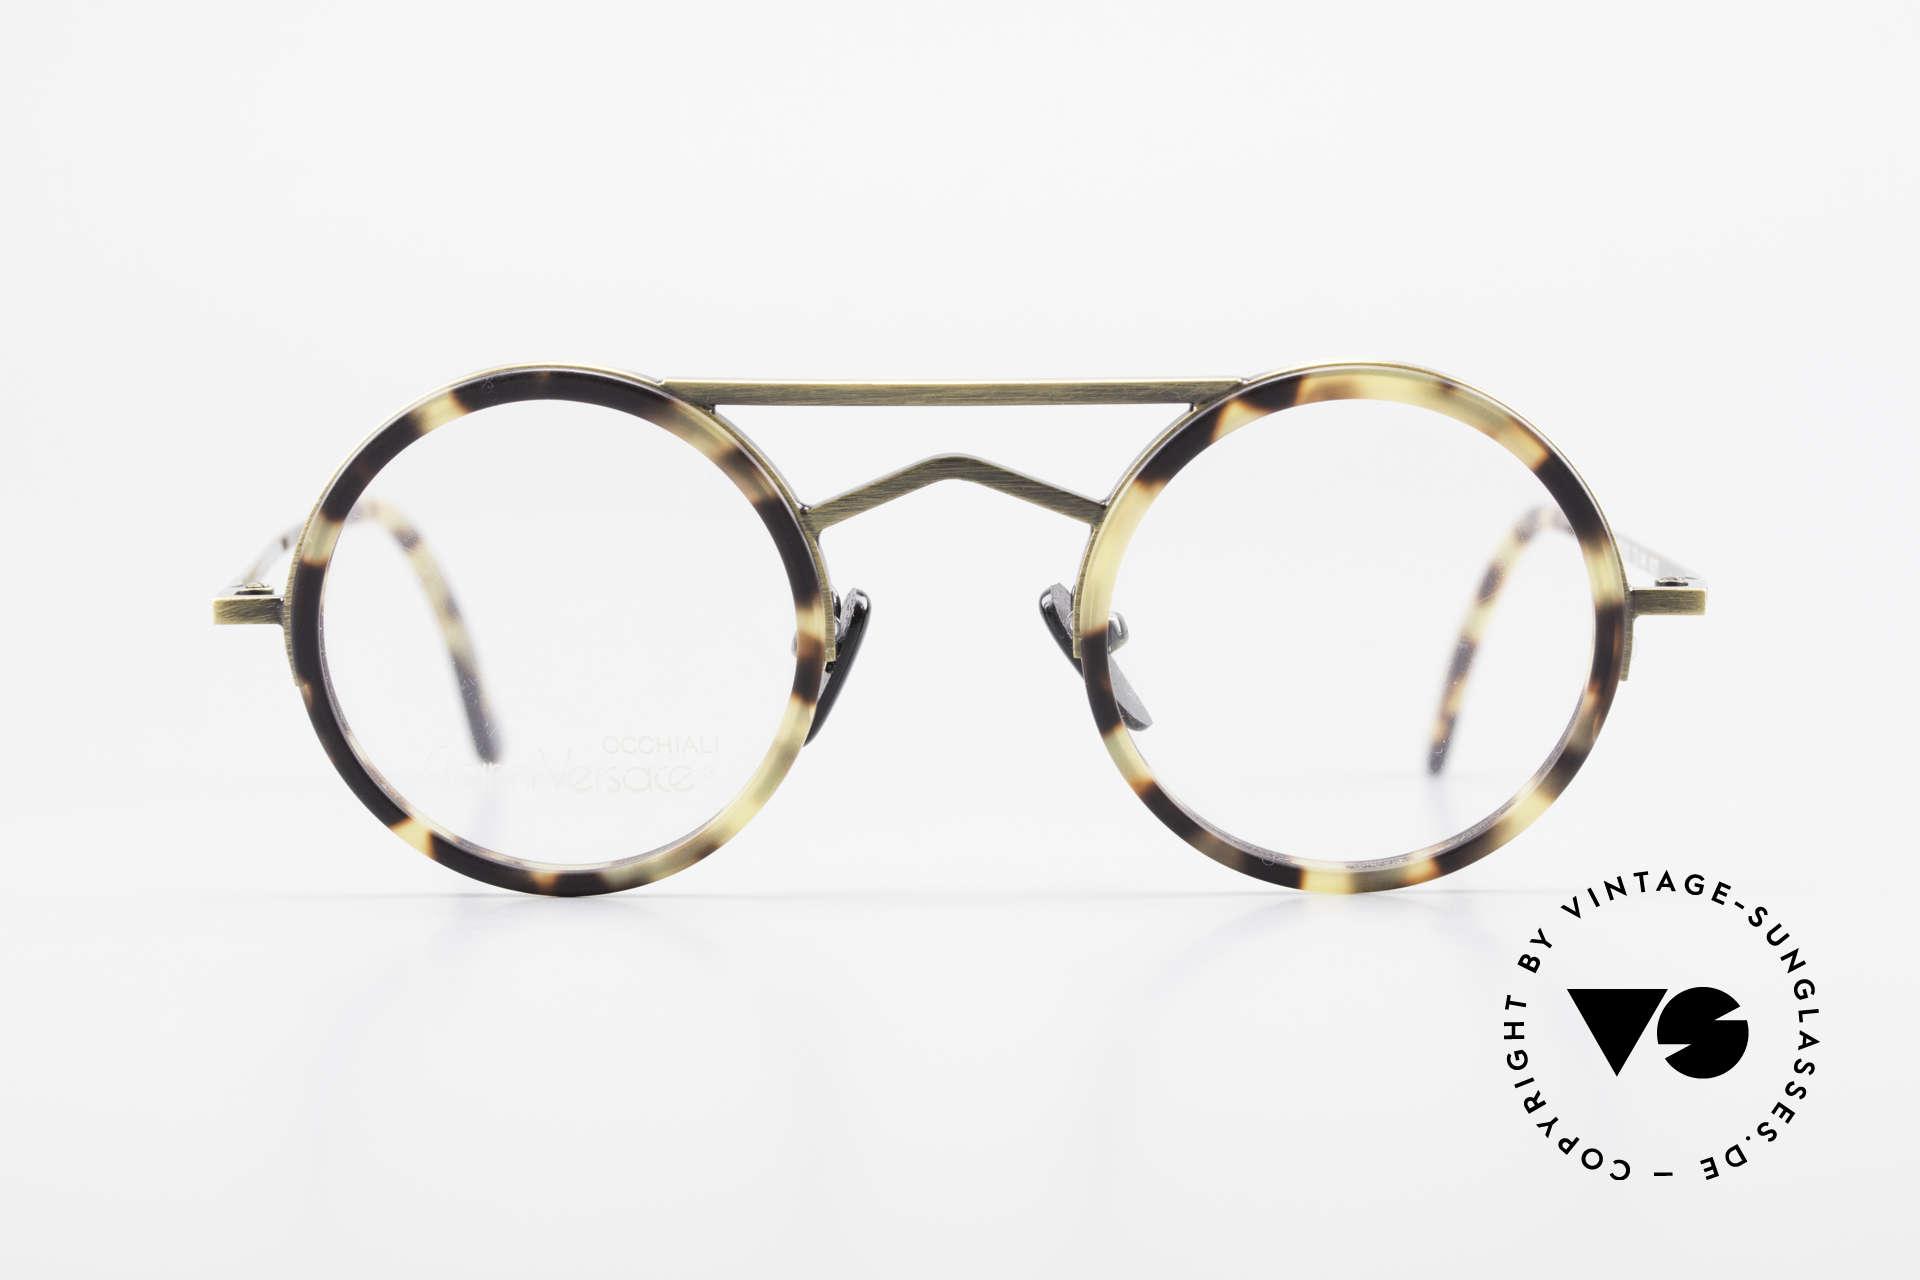 Gianni Versace 620 Runde 90er Vintage Brille, geometrische Elemente mit markanter Doppelbrücke, Passend für Herren und Damen